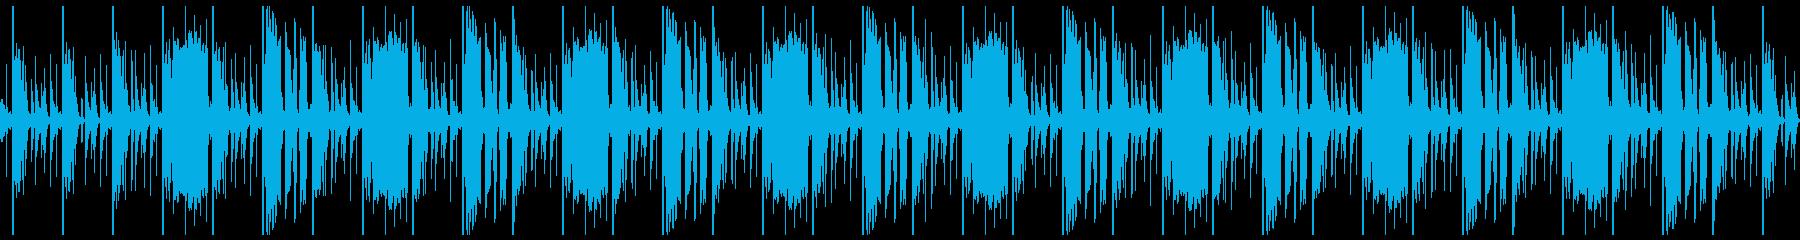 ヒップホップっぽい系のループ の再生済みの波形